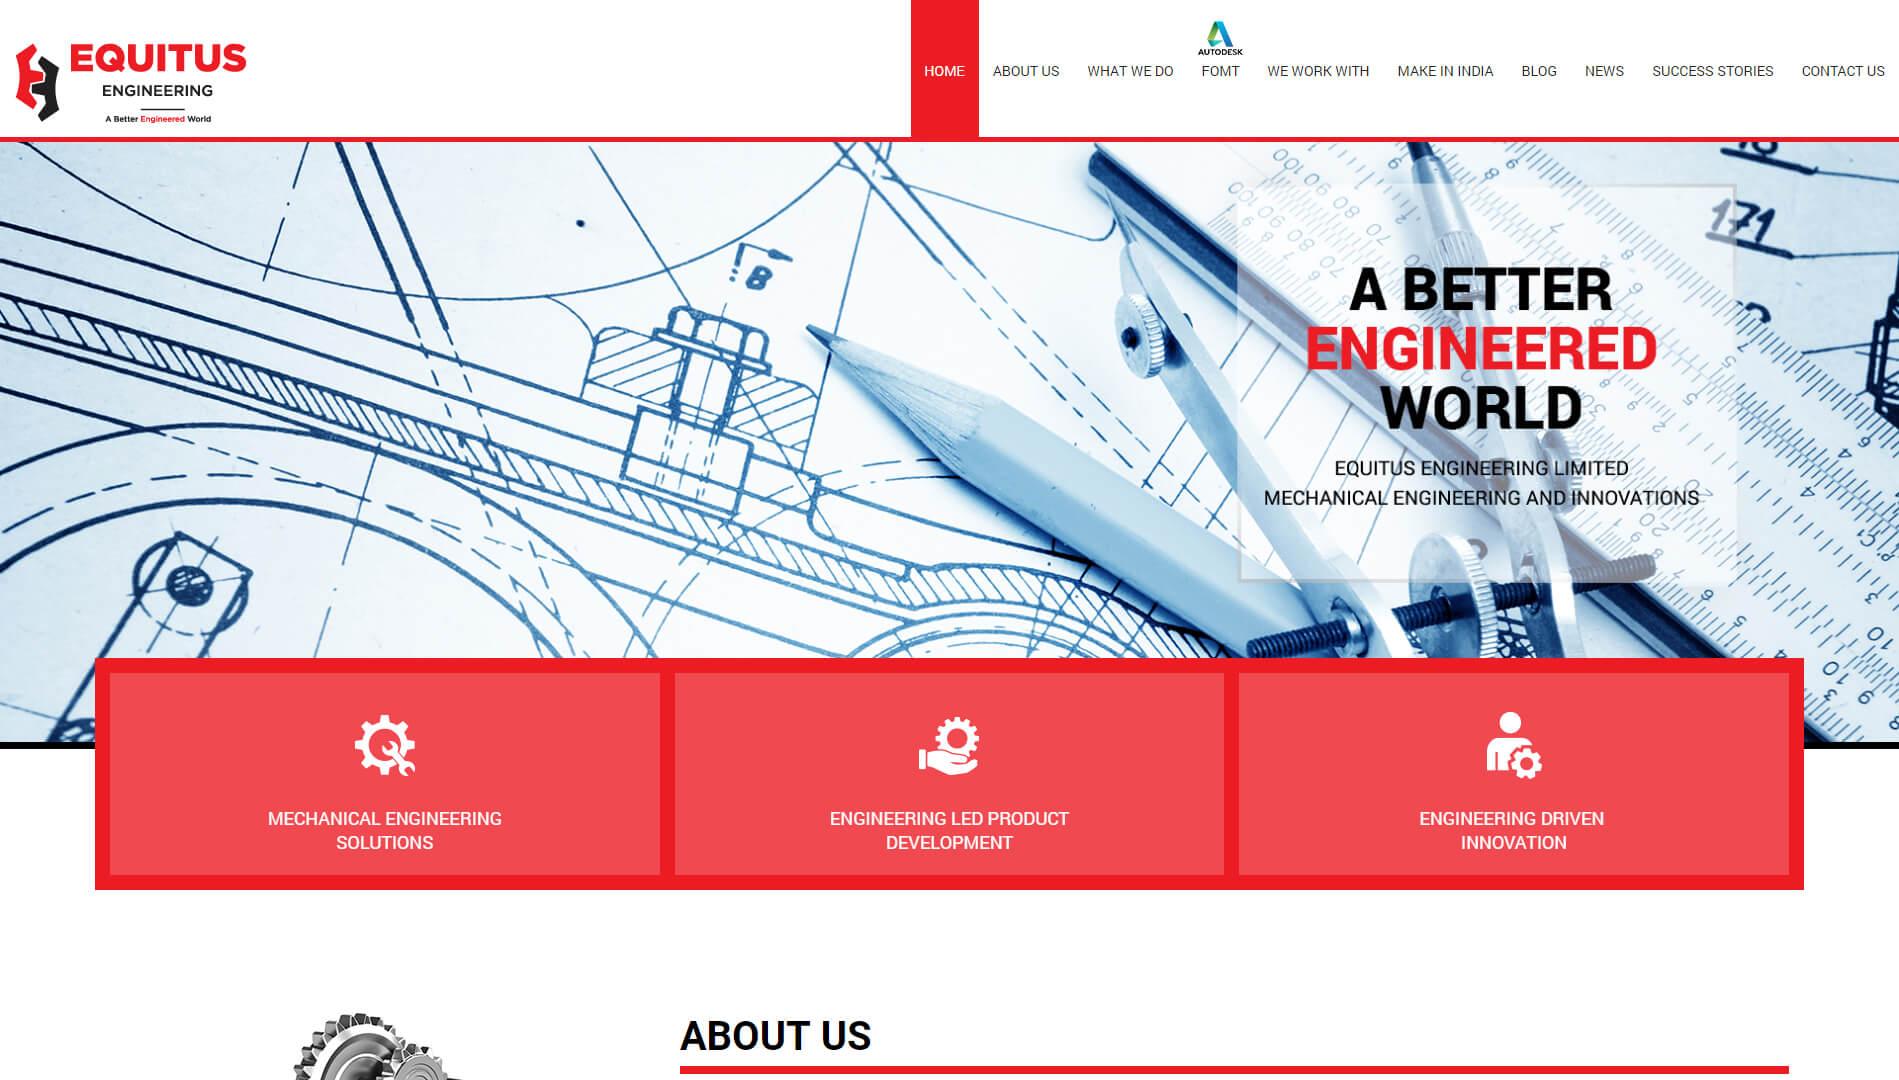 equitus engineering homepage design 2018